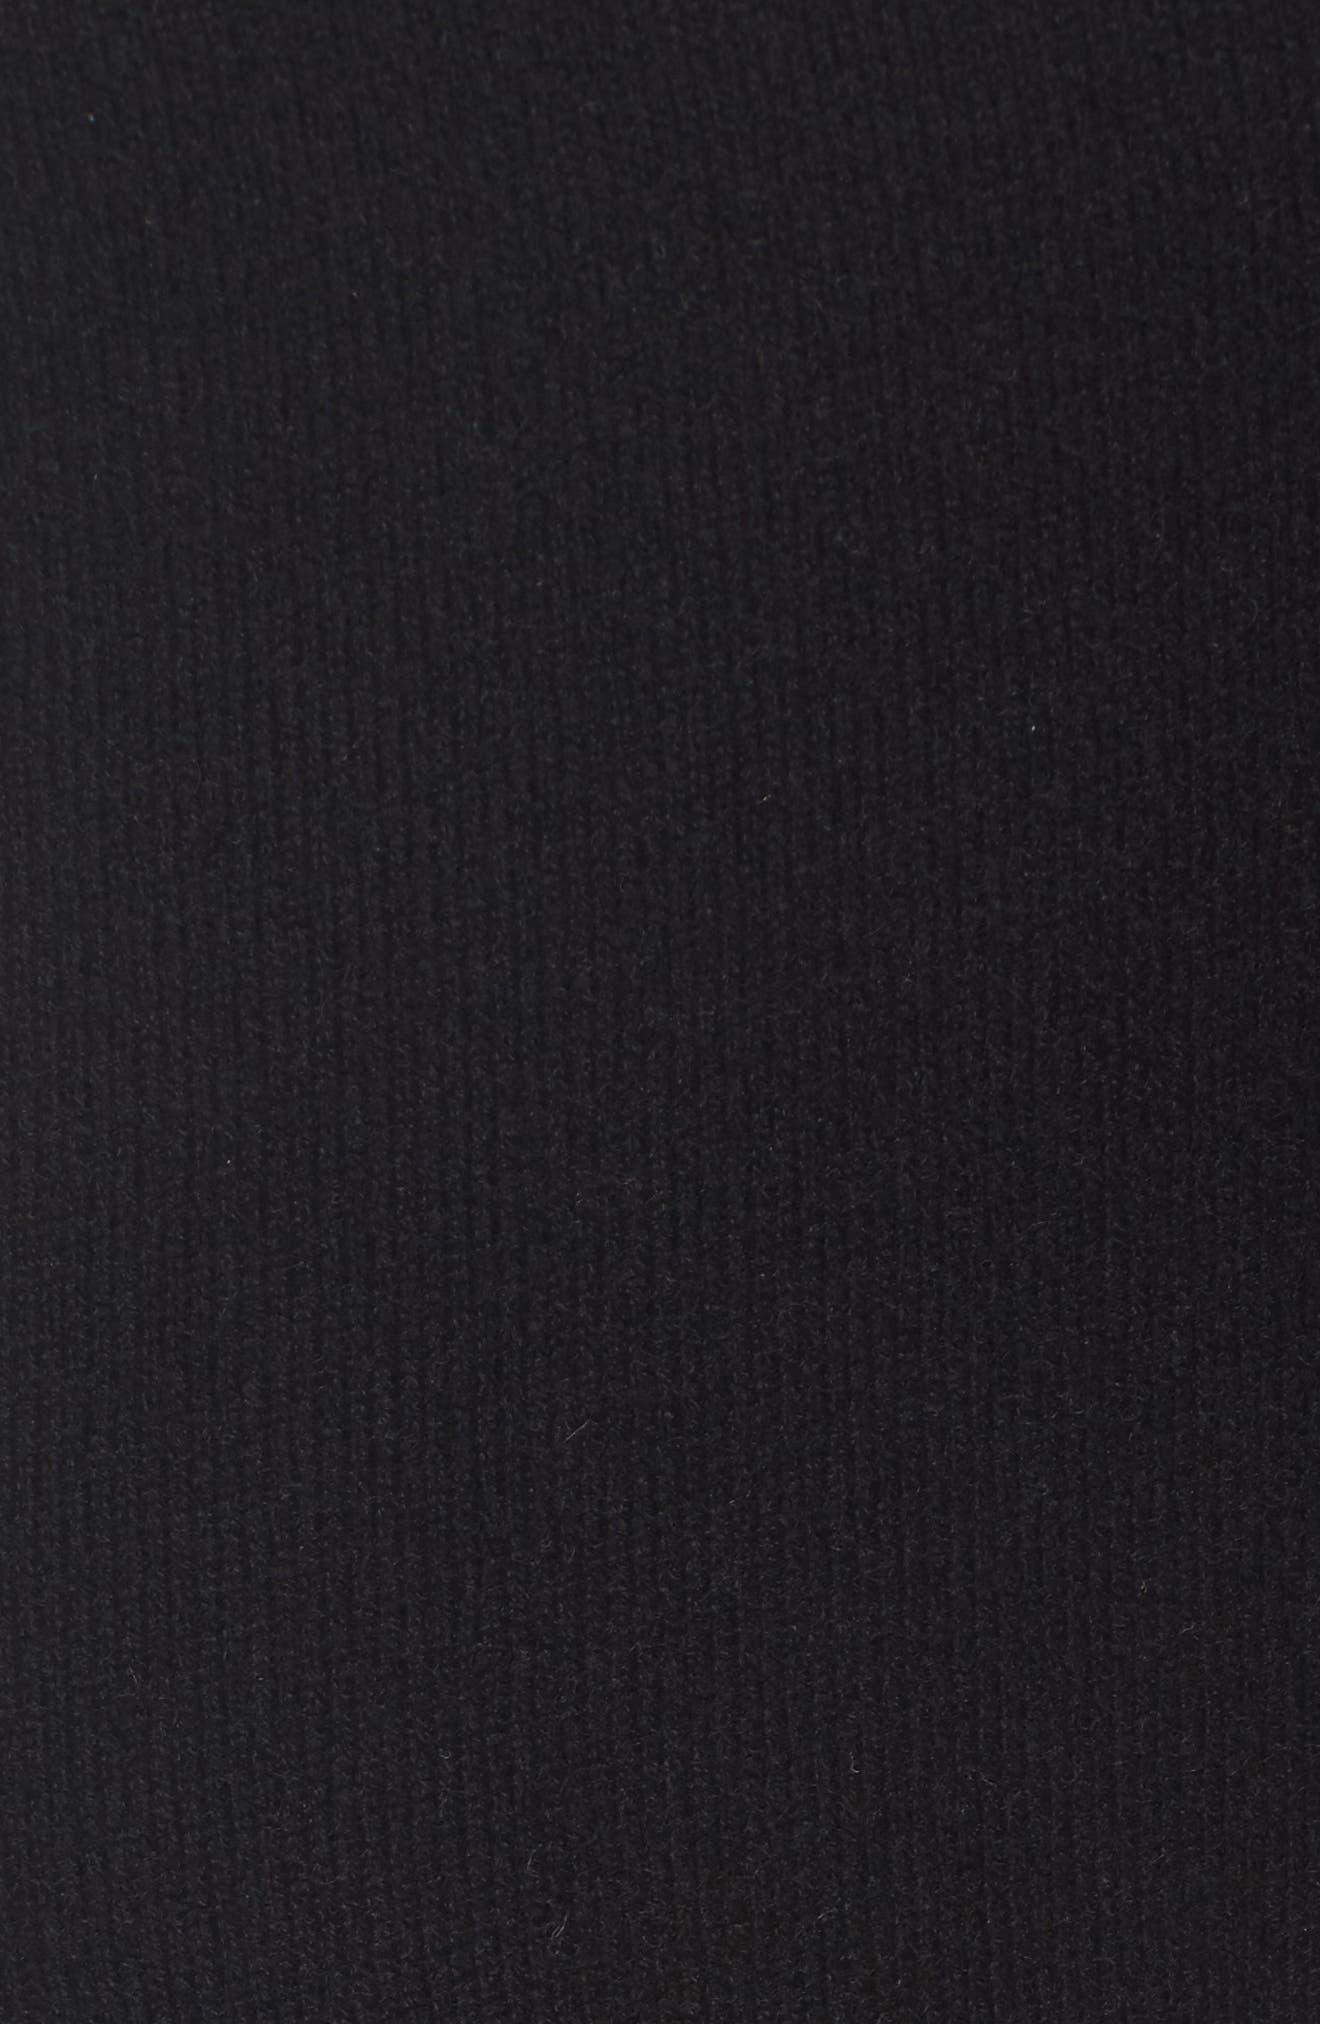 Knit Cashmere Ankle Pants,                             Alternate thumbnail 5, color,                             001